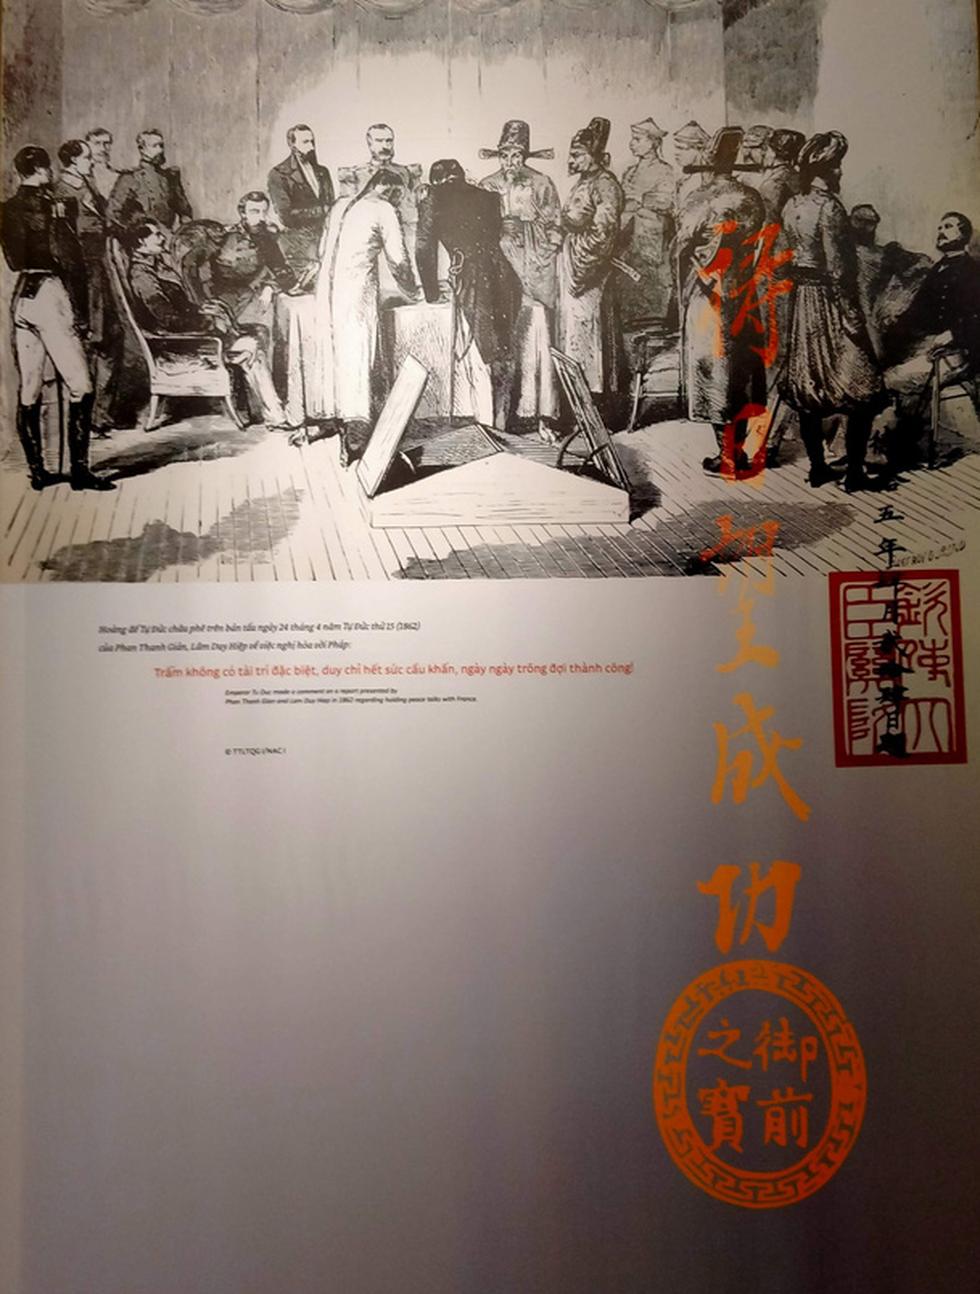 Xem cách hoàng đế triều Nguyễn trừ quan tham, nuôi dưỡng chúng dân - Ảnh 17.